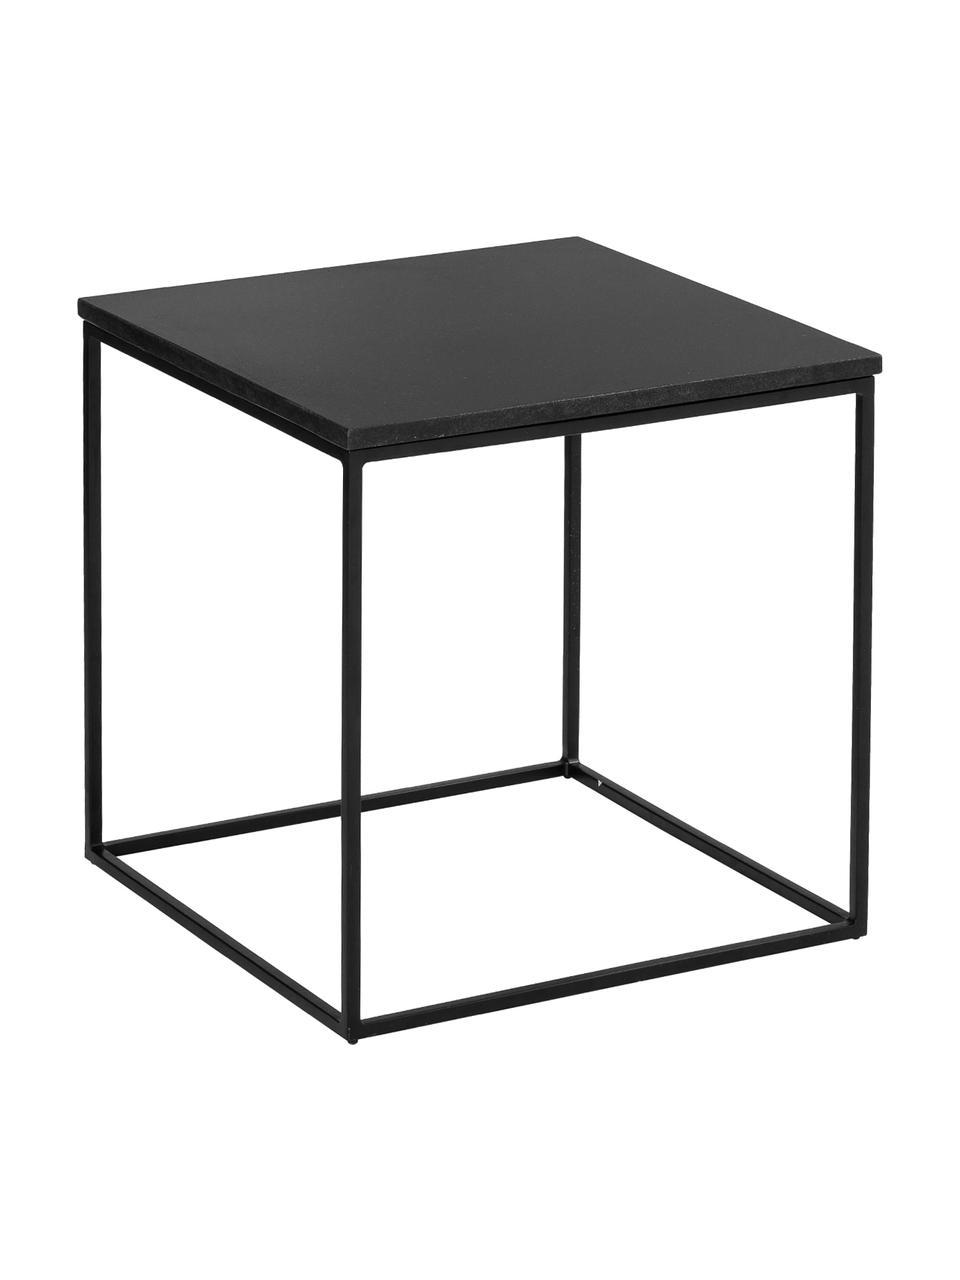 Tavolino in granito Alys, Piano d'appoggio: granito, Struttura: metallo verniciato a polv, Piano d'appoggio: granito nero Struttura: nero opaco, Larg. 50 x Alt. 50 cm